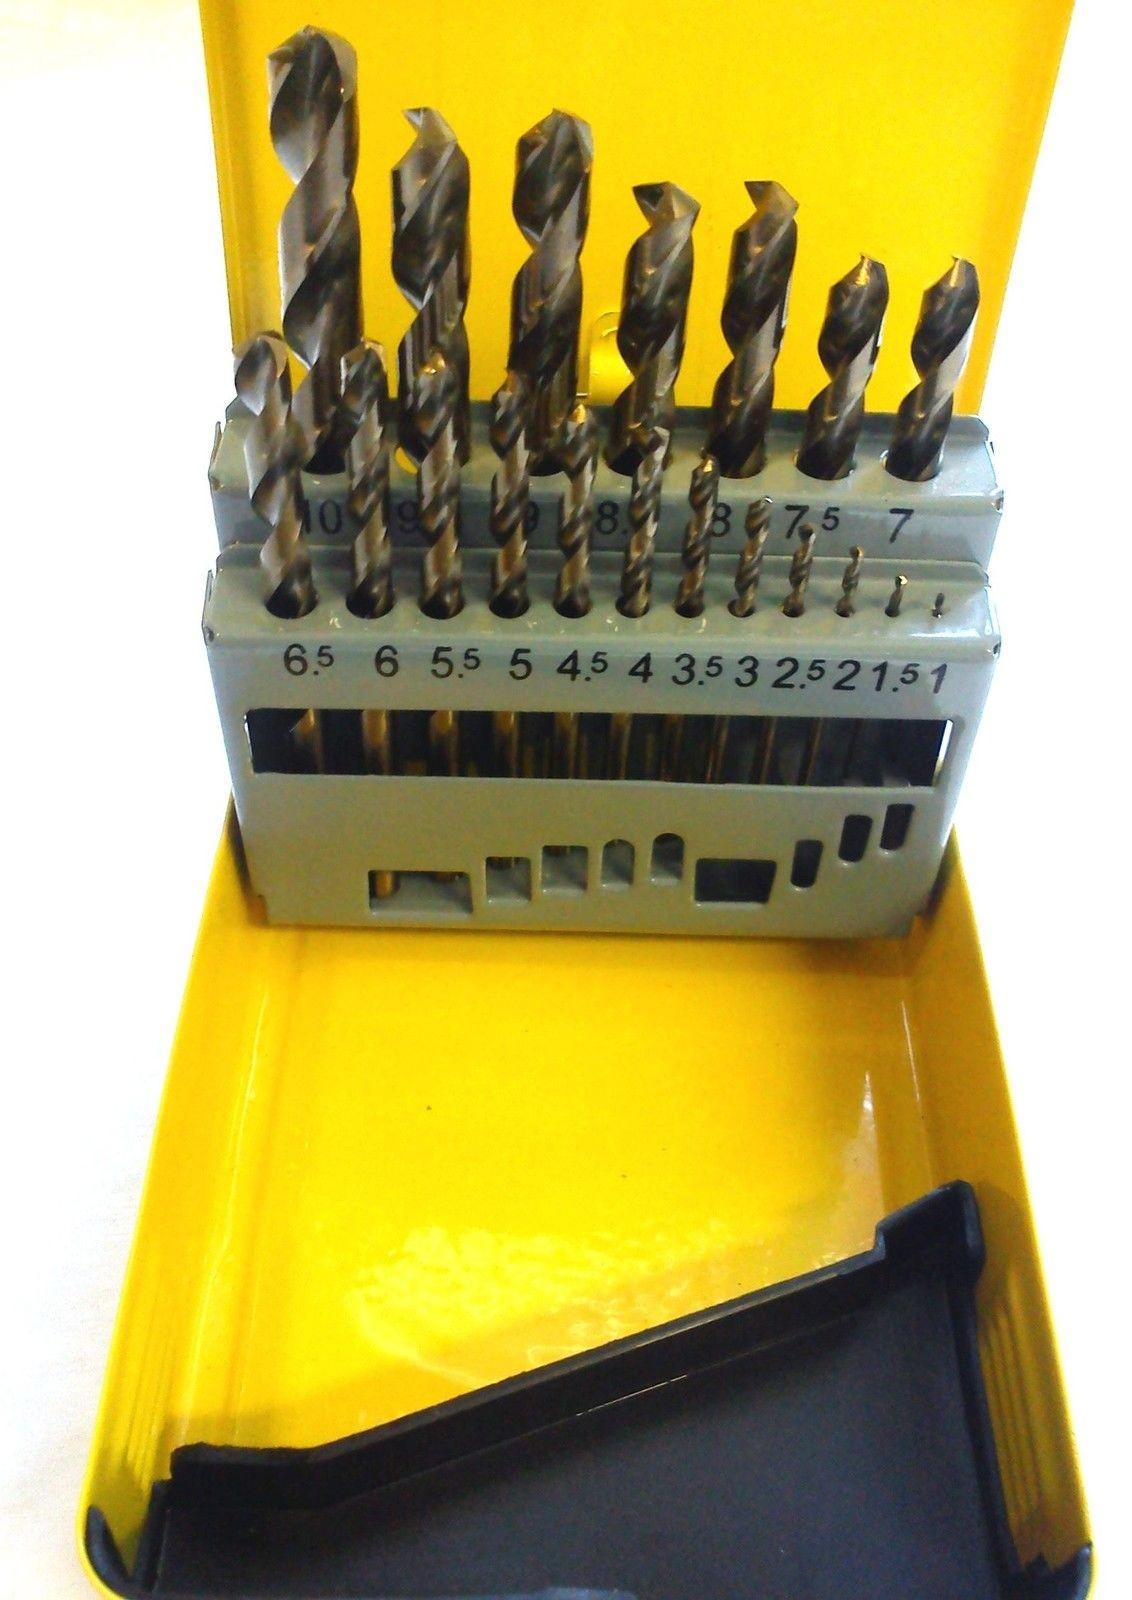 Cobalt Drill Bit Set >> HSS COBALT DRILL SET 19 PIECE ADDAX